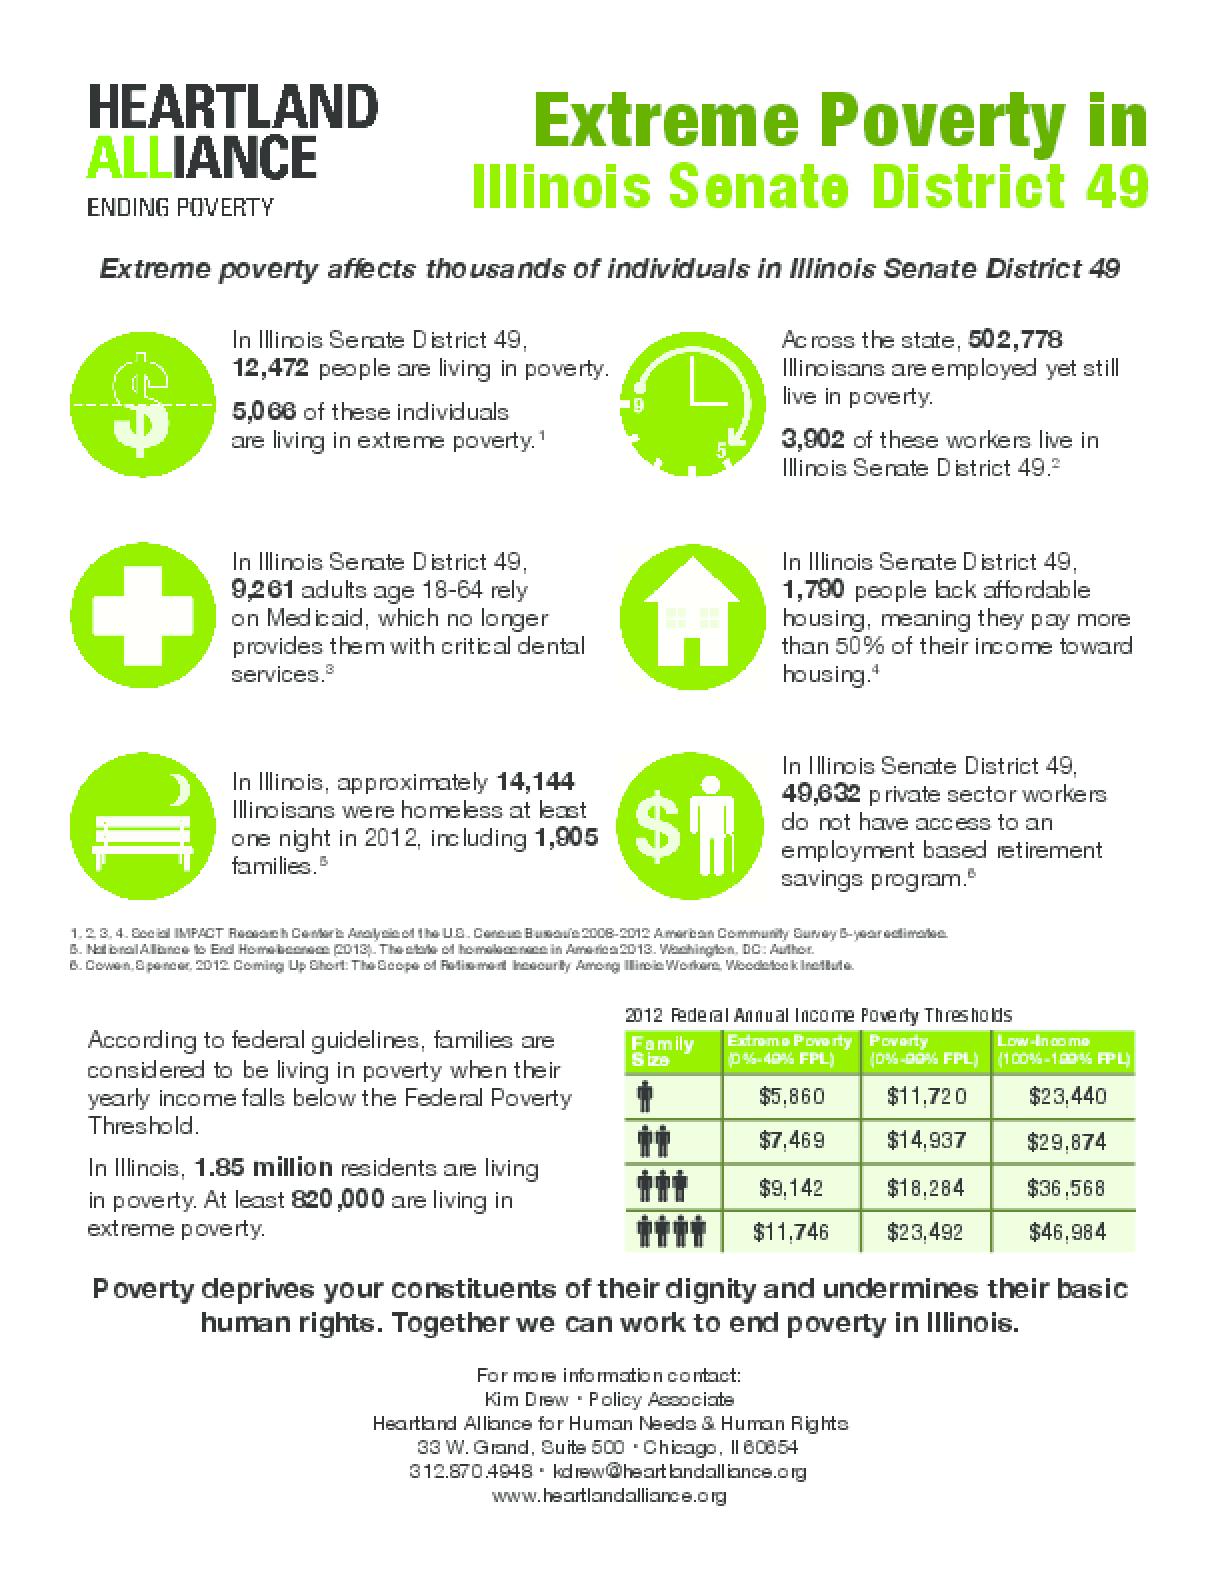 Poverty Fact Sheet for Illinois Senate District 49